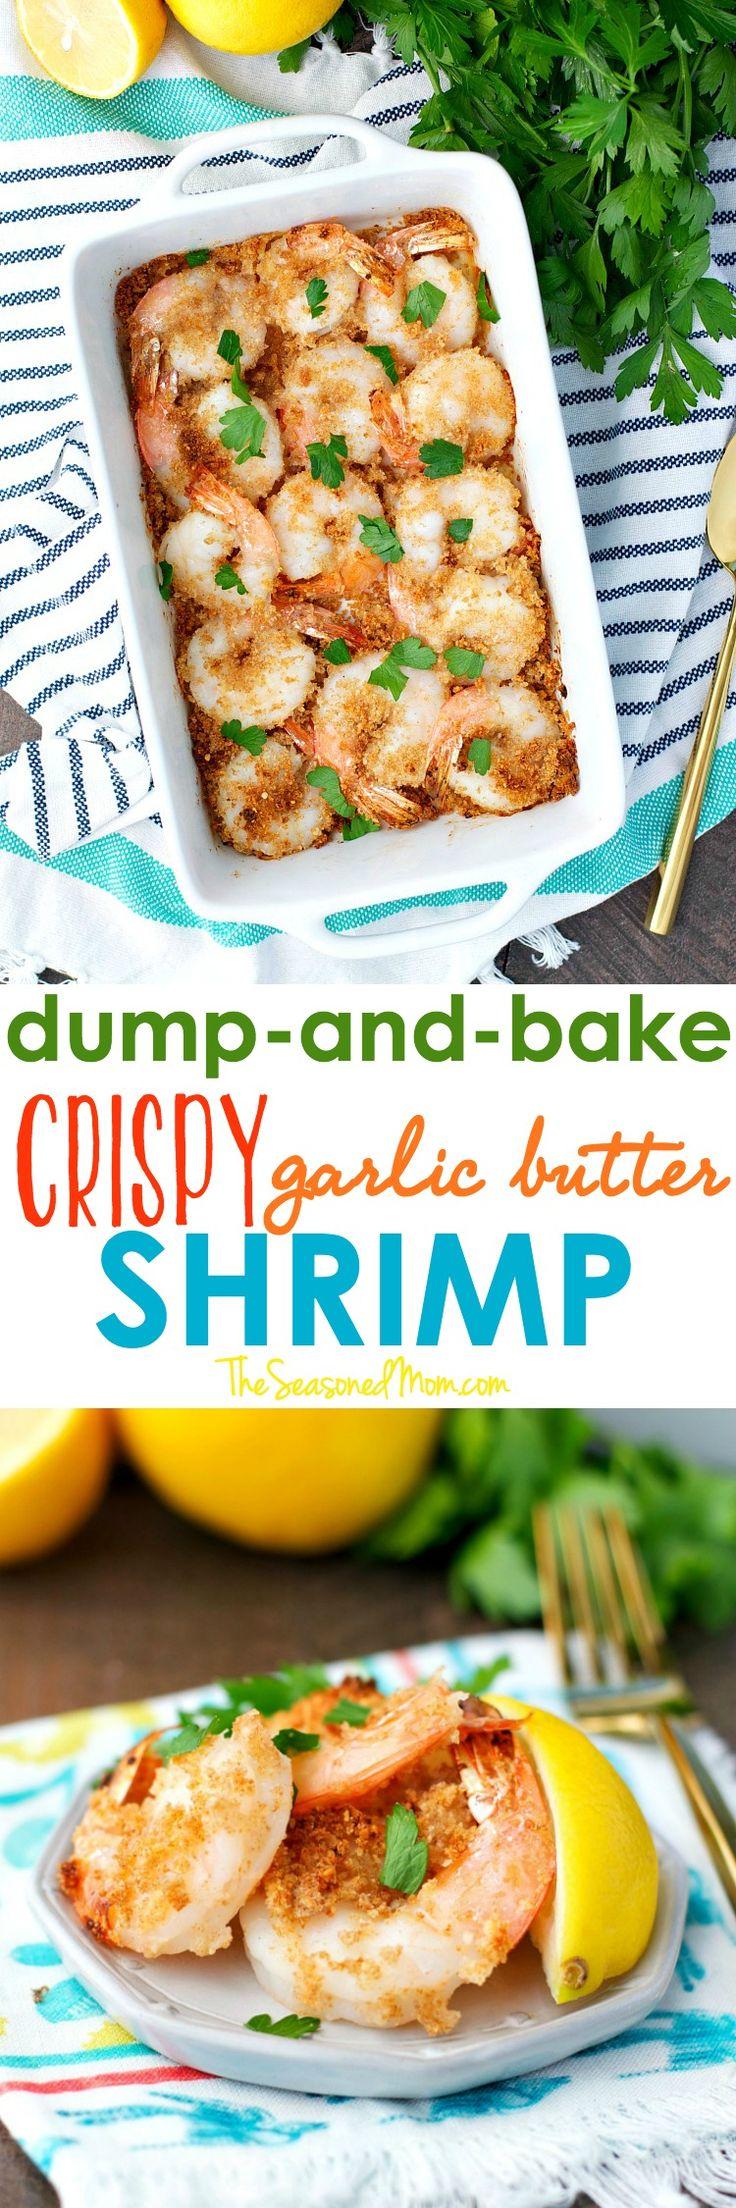 Dump and Bake Crispy Garlic Butter Shrimp